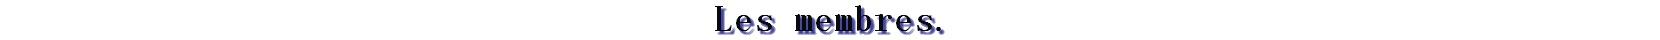 (Présentation) INFNITE ∞ Membre11